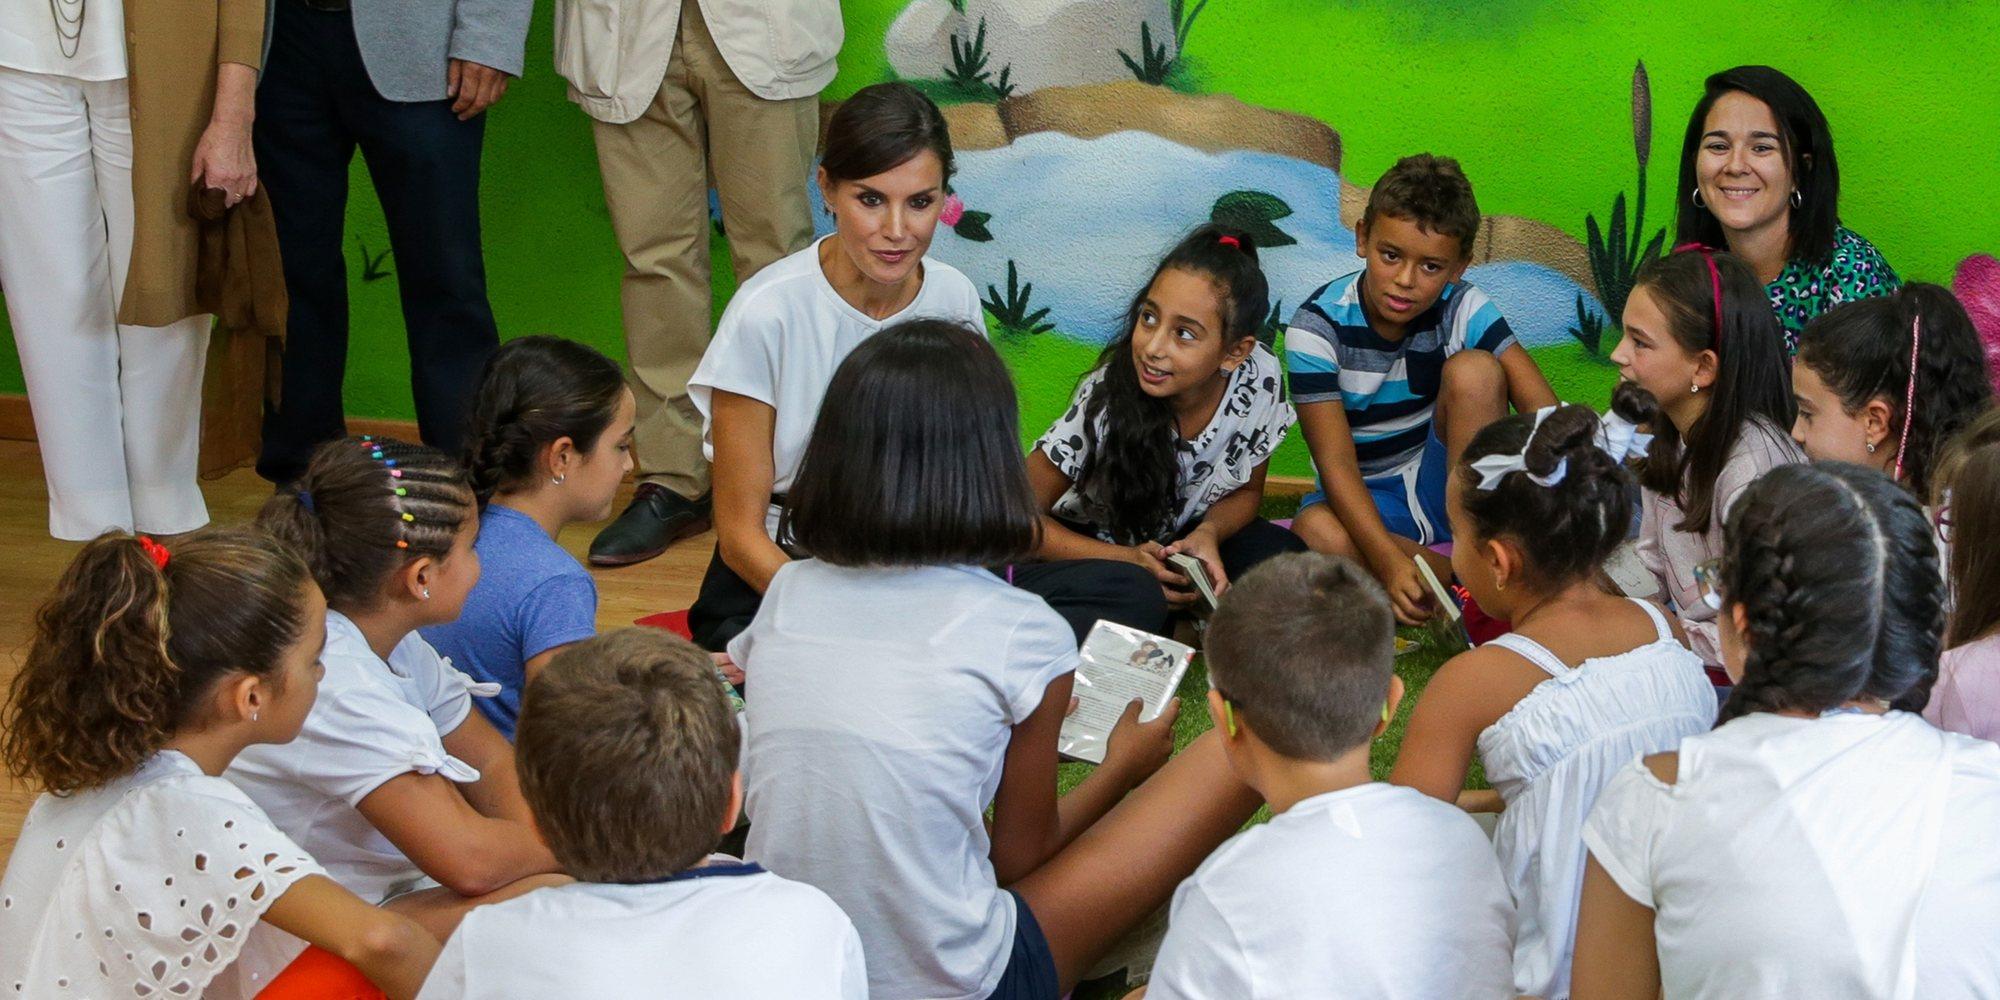 La Reina Letizia, muy cariñosa, cercana y emocionada por el detalle de los alumnos del colegio de Torrejoncillo